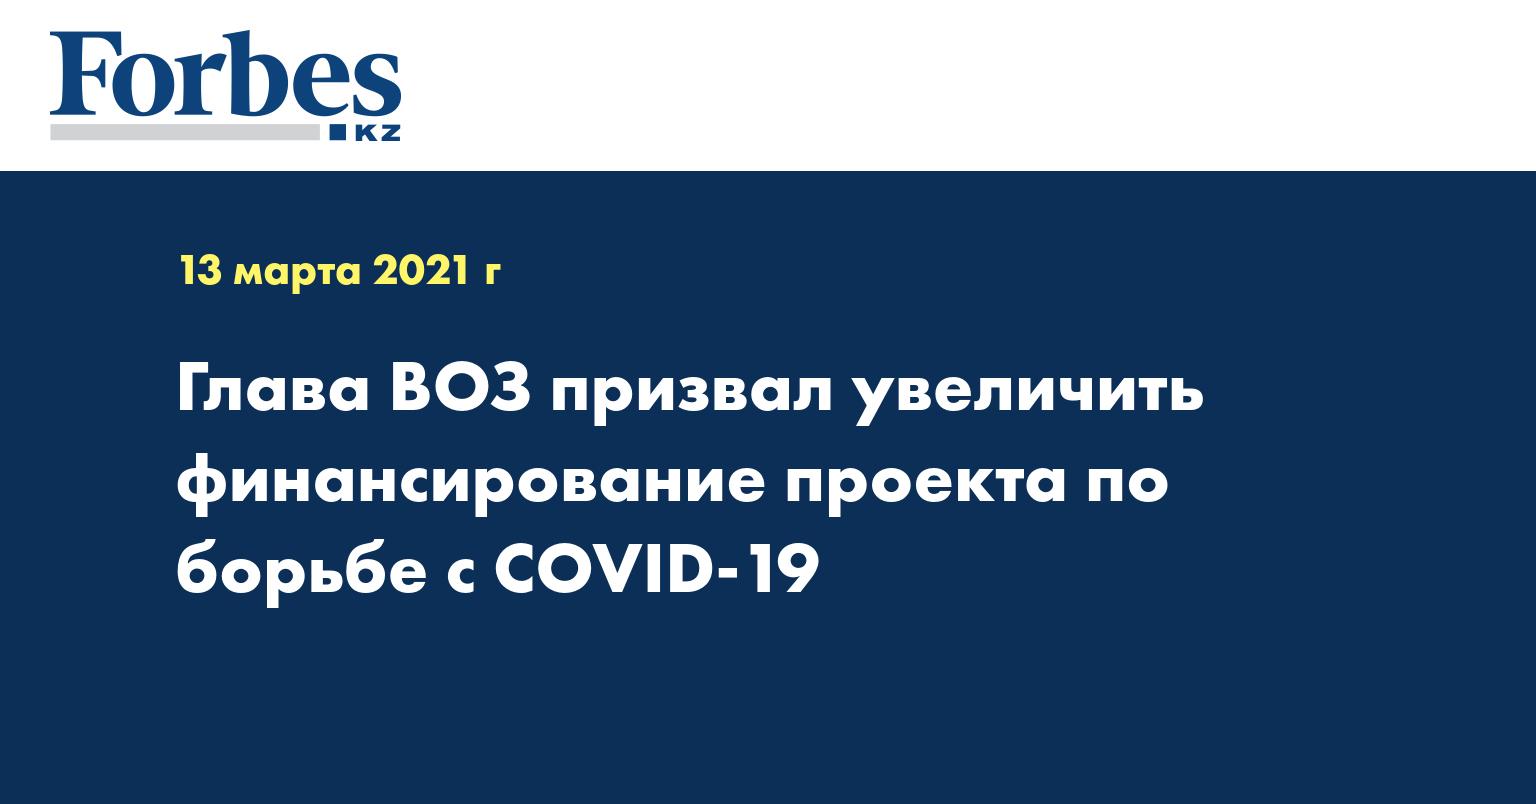 Глава ВОЗ призвал увеличить финансирование проекта по борьбе с COVID-19